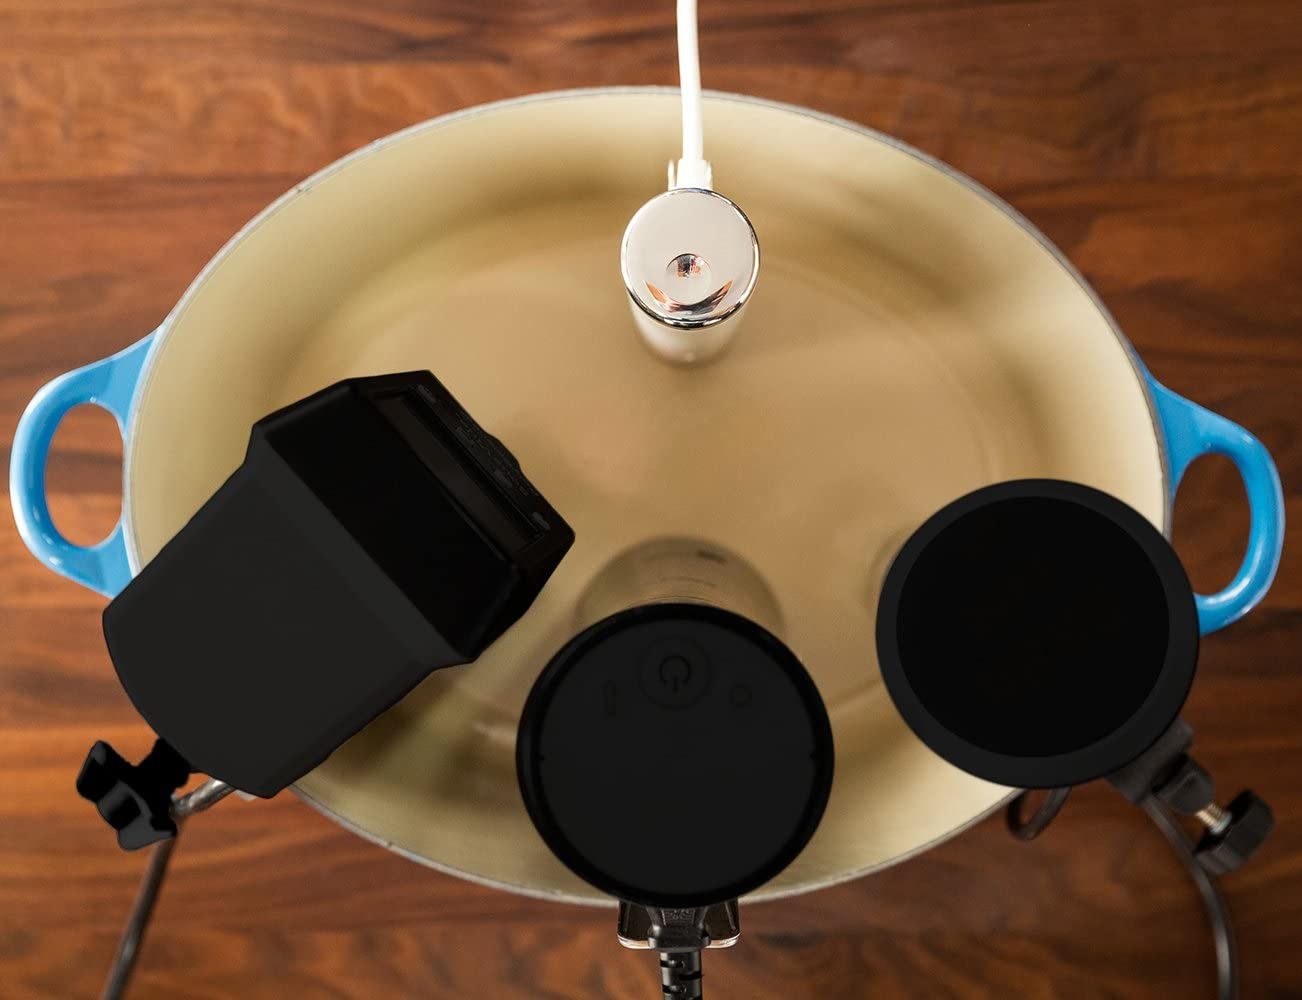 ブレビル Breville CS10001 低温調理器 真空調理機 1100ワット sous vide